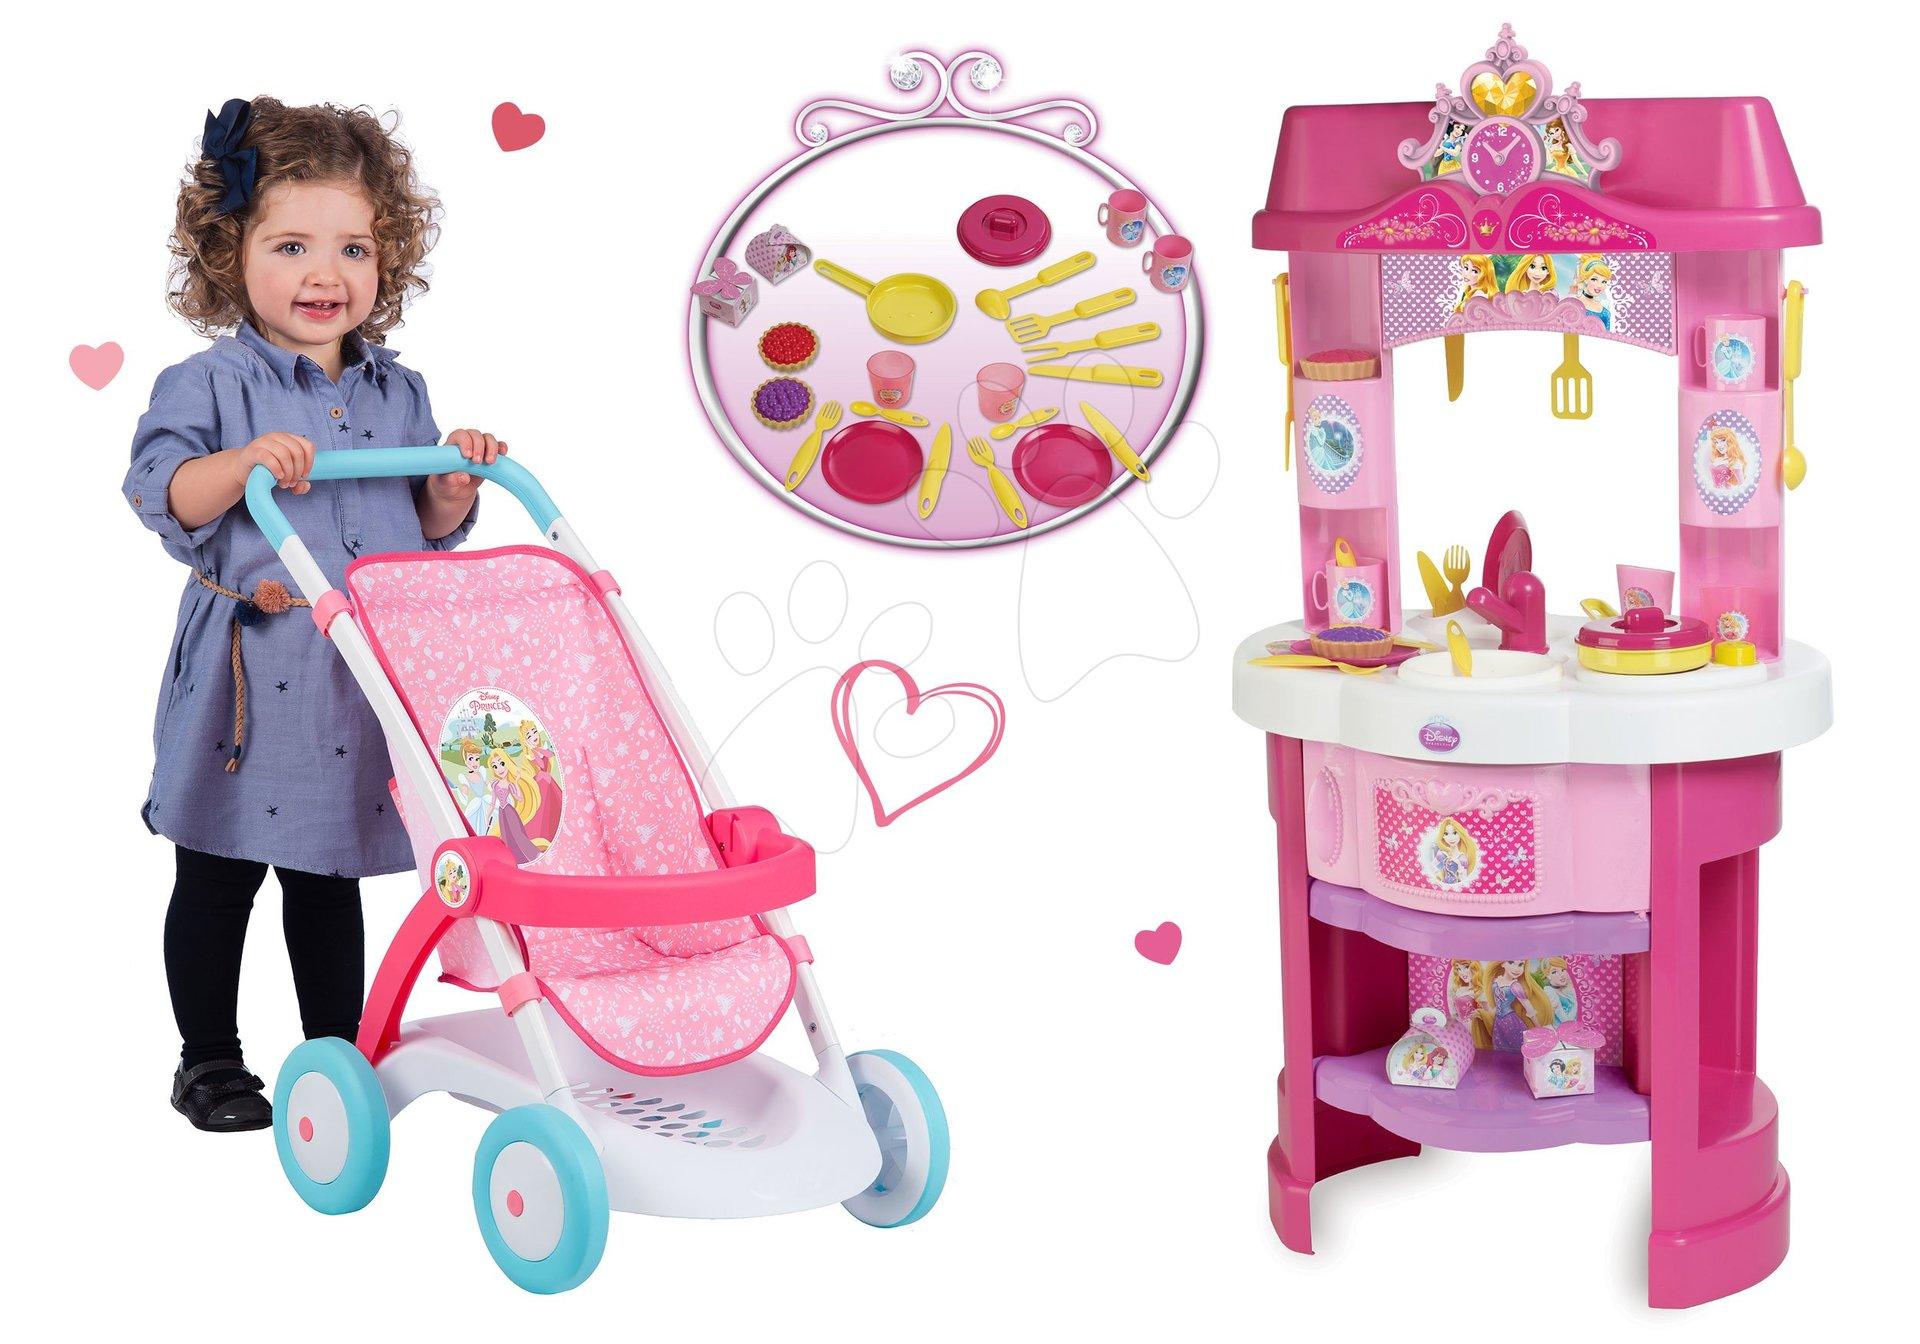 Obične kuhinje - Set kuhinja Disney Princeze sa satom i sportska kolica za lutku Pastel